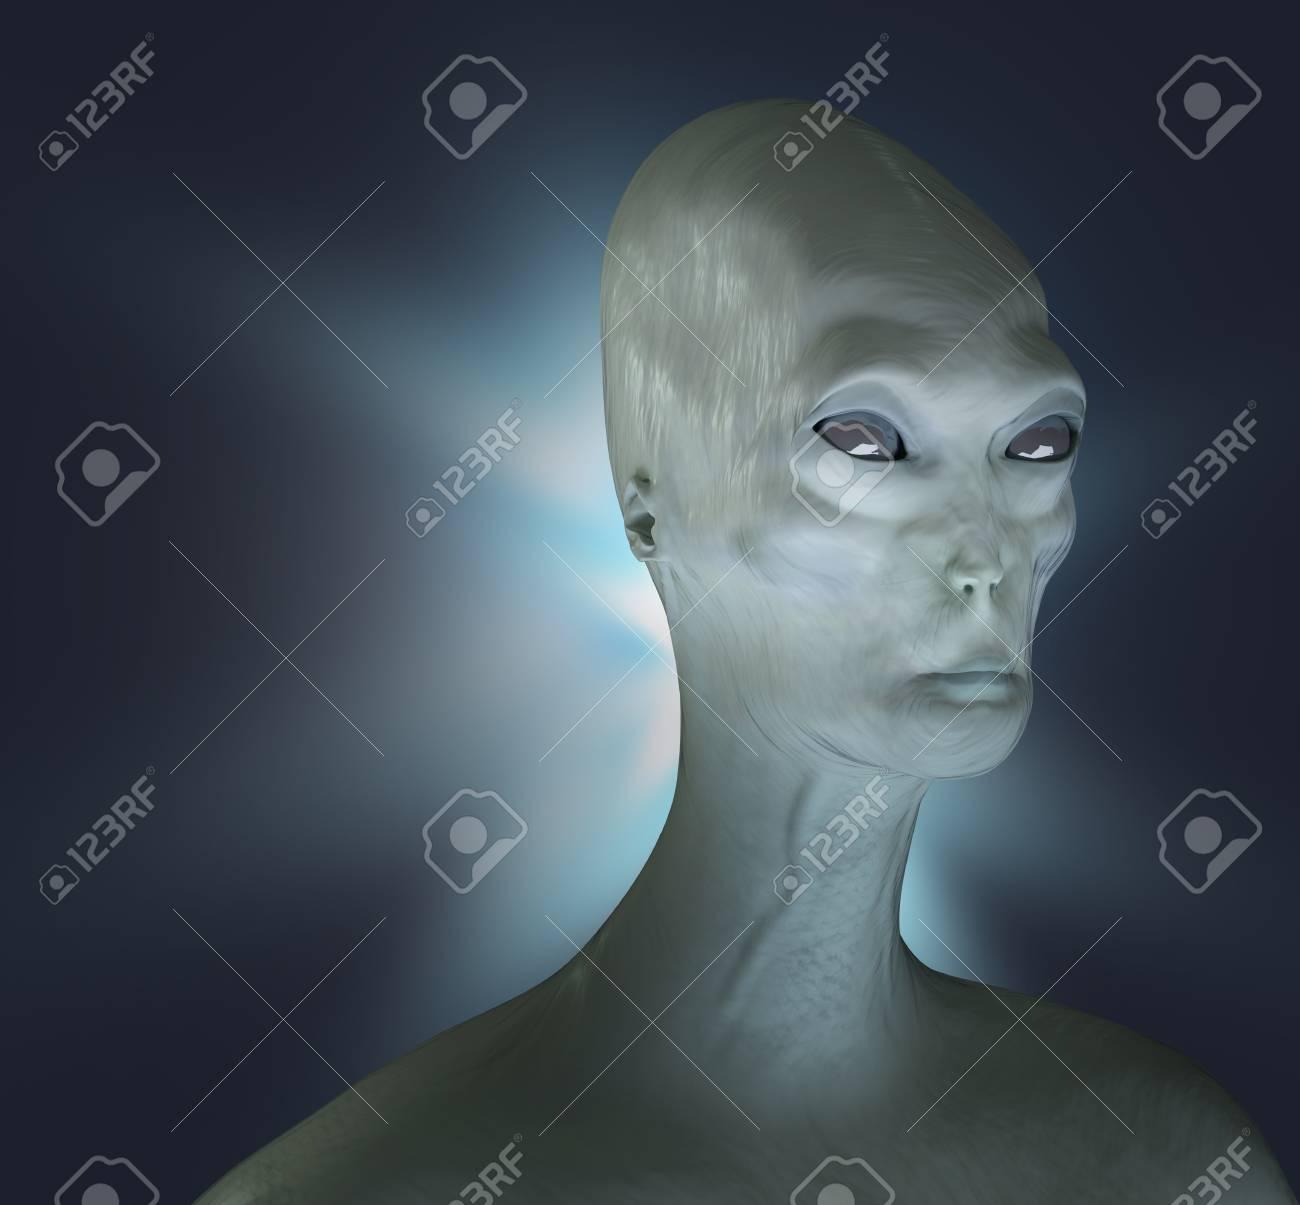 Alien render 3d - 120120810